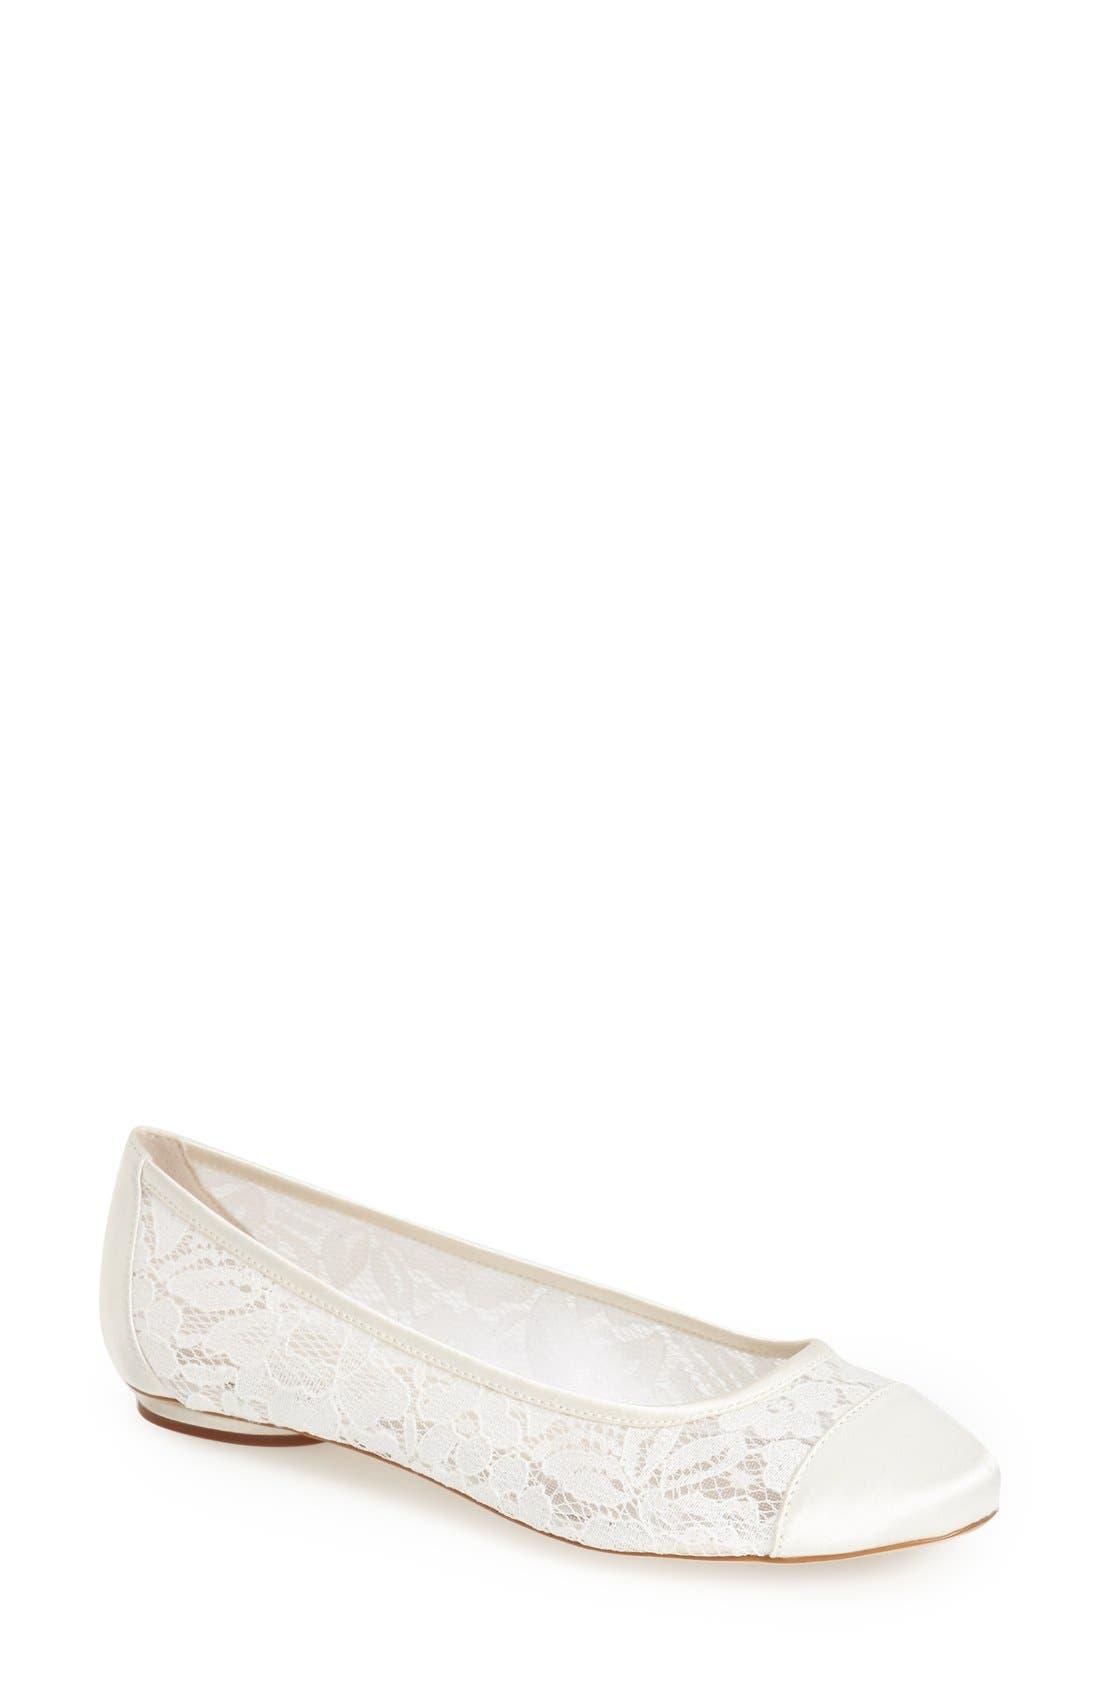 'Sweetie' Lace Cap Toe Ballet Flat,                             Main thumbnail 1, color,                             Ivory Lace/ Mesh